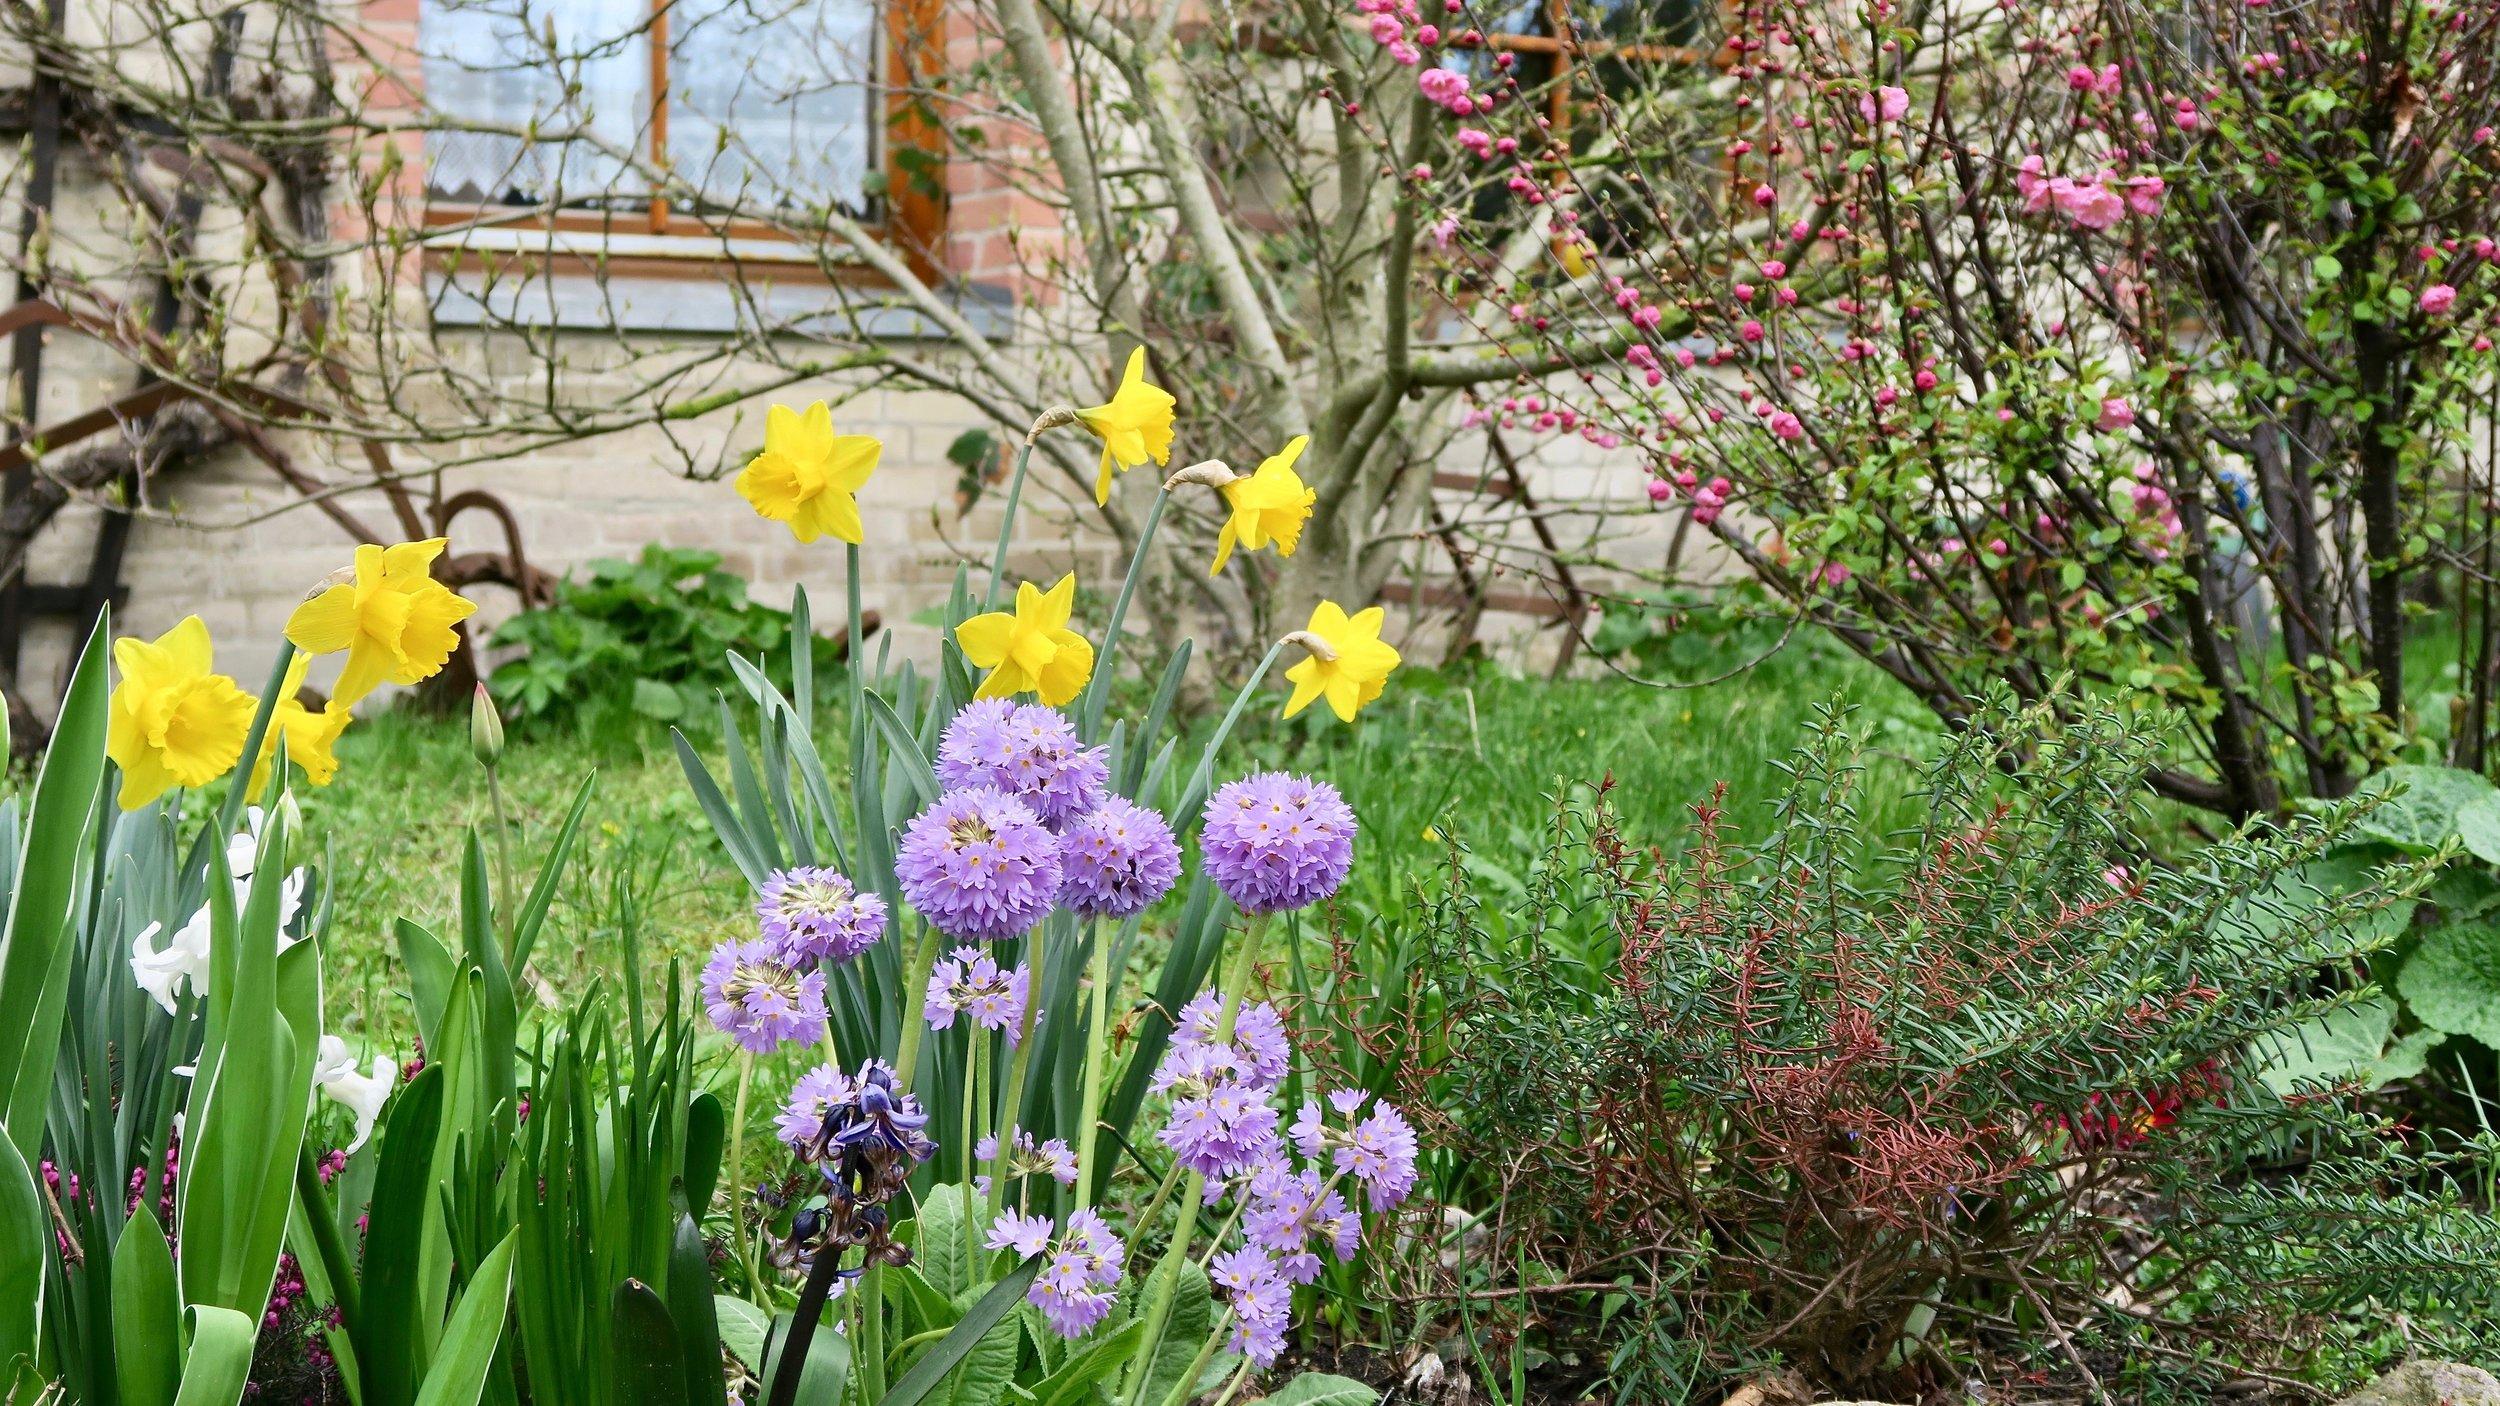 Urlaub Ostsee Pension Schmelzer Galerie 33 Blumen, Ostern.jpg